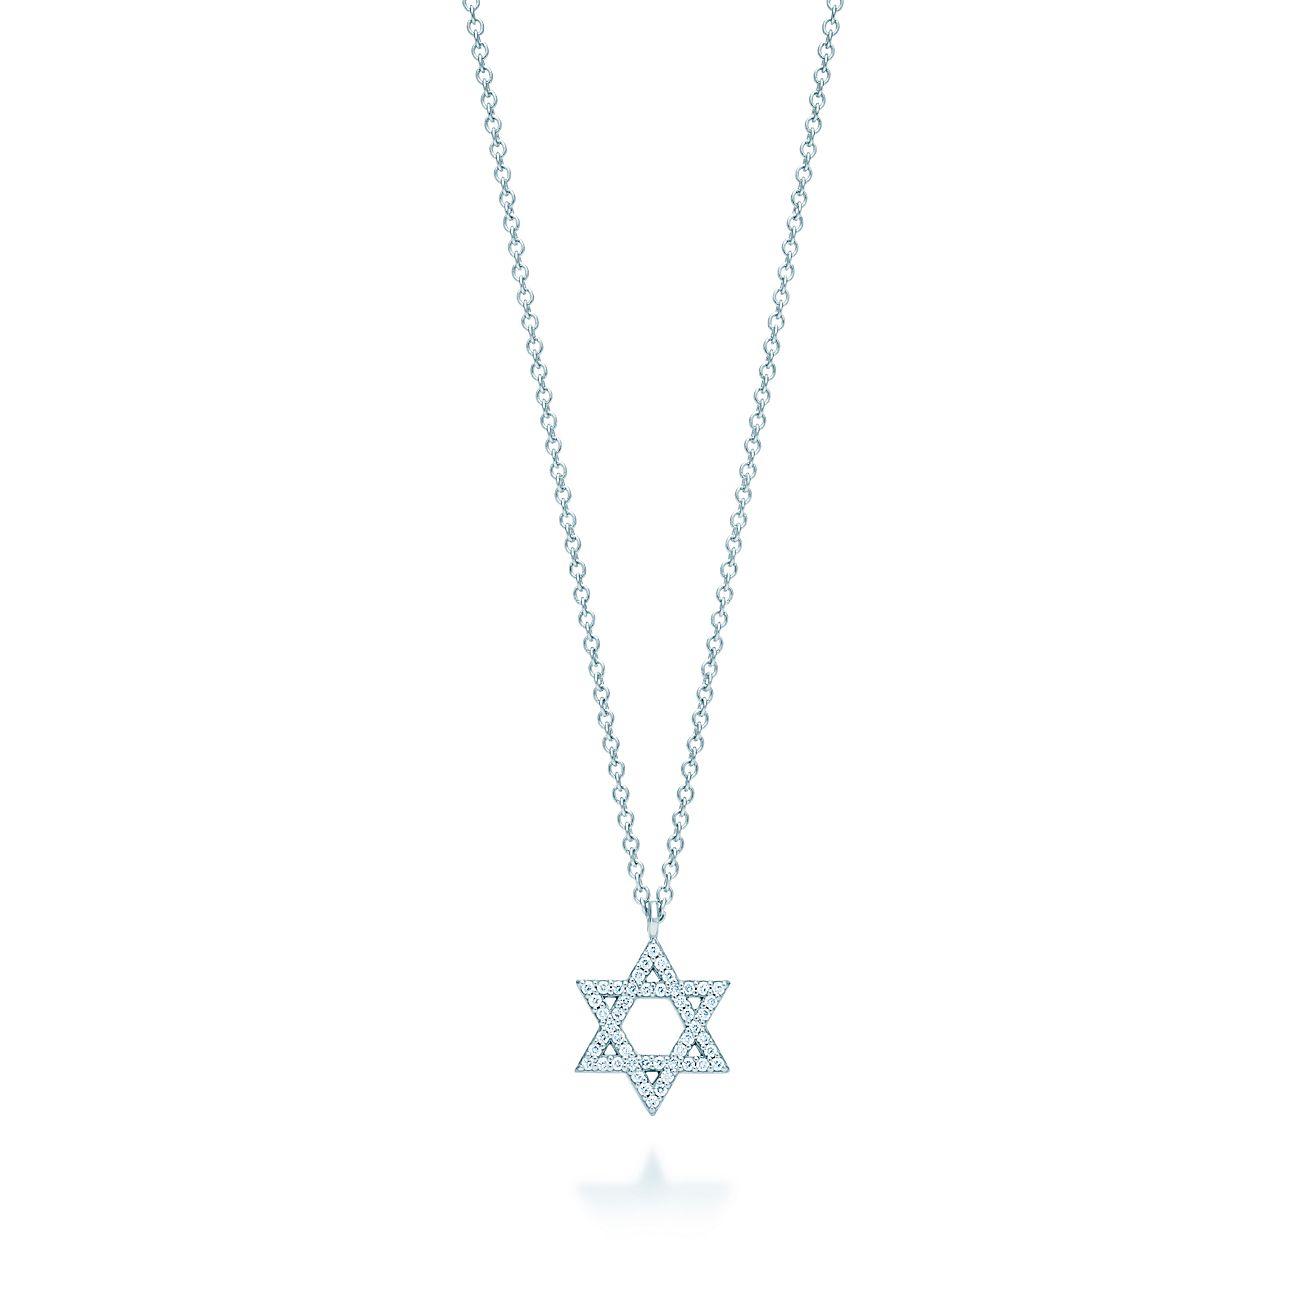 Pendentif Croix En Or Blanc 18 Carats Avec Diamants, Mini - Taille Tiffany & Co.